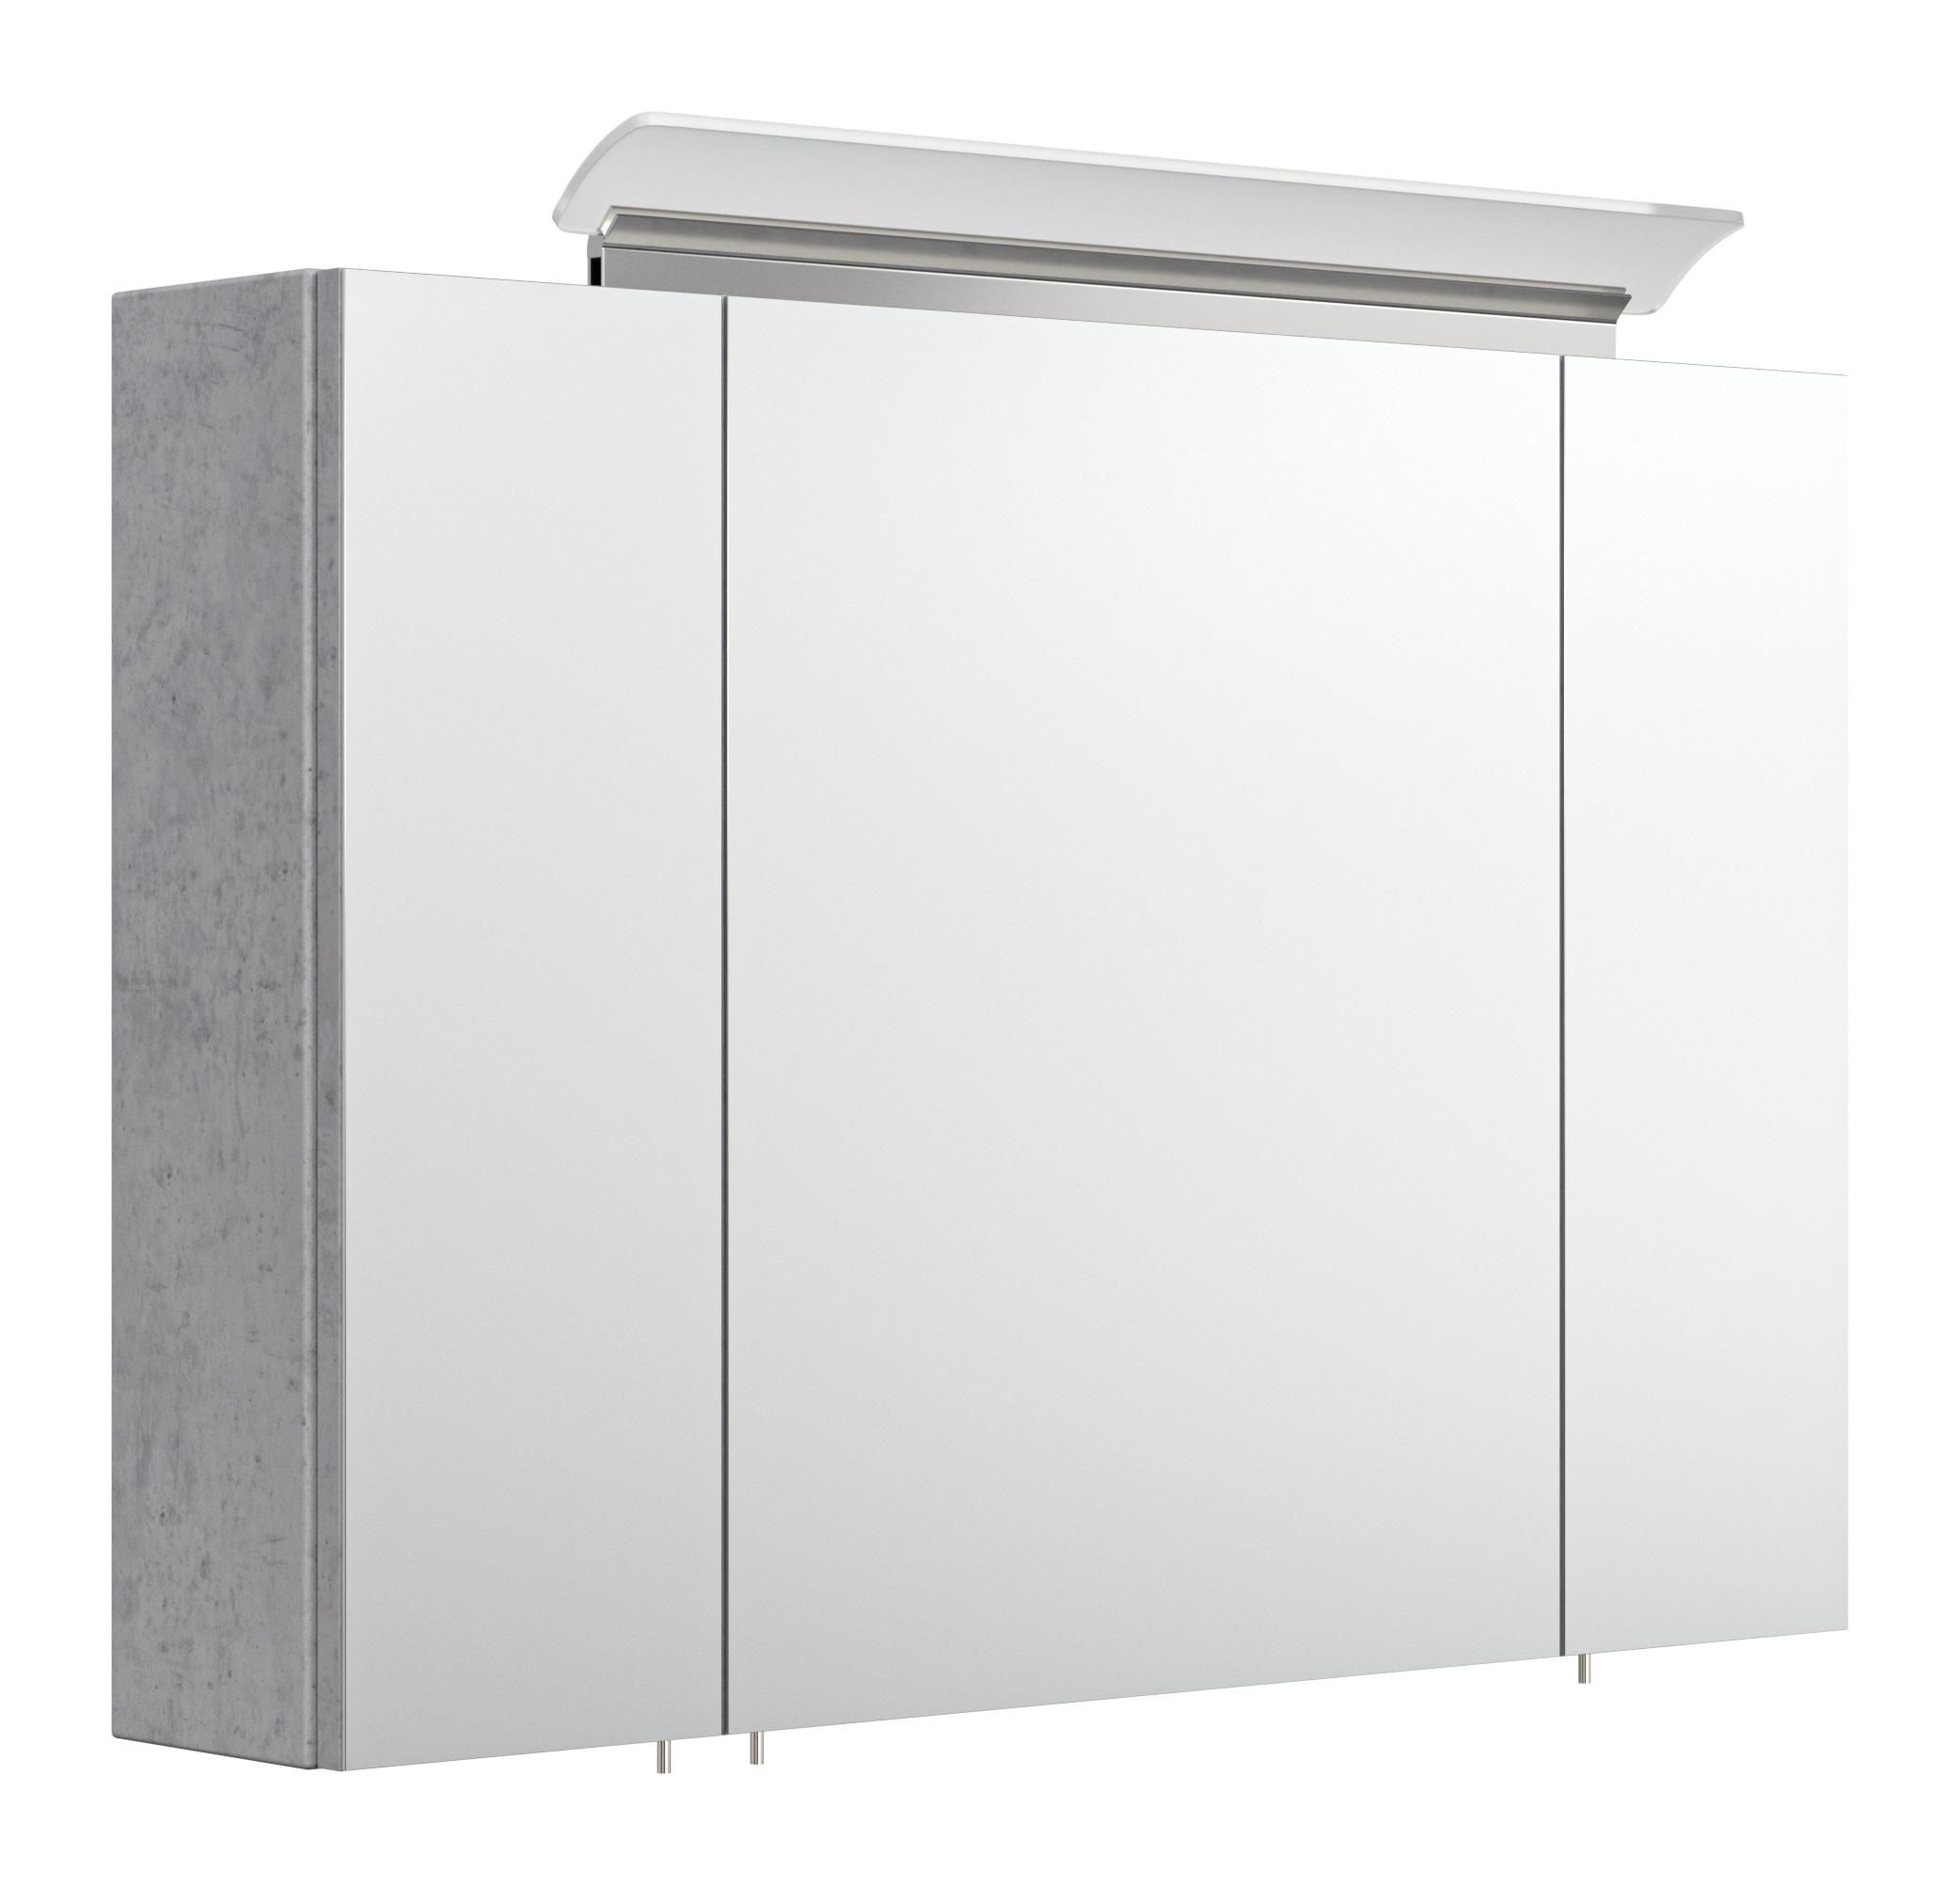 Saniclear Rocky 90cm spiegelkast met design LED verlichting beton grijs